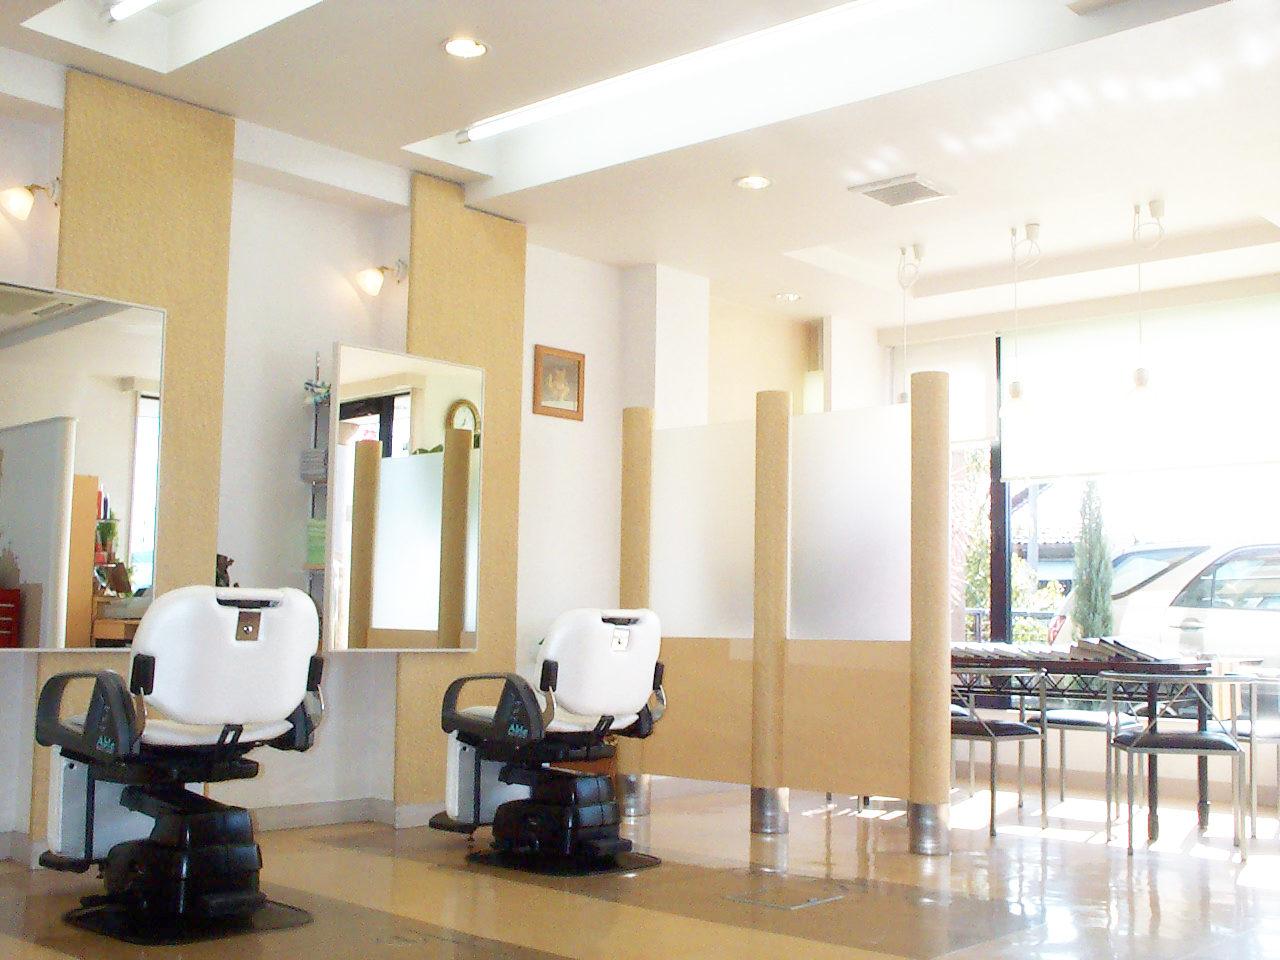 美容院、理容院併用3階建て店舗付き住宅の新築店舗デザイン、設計